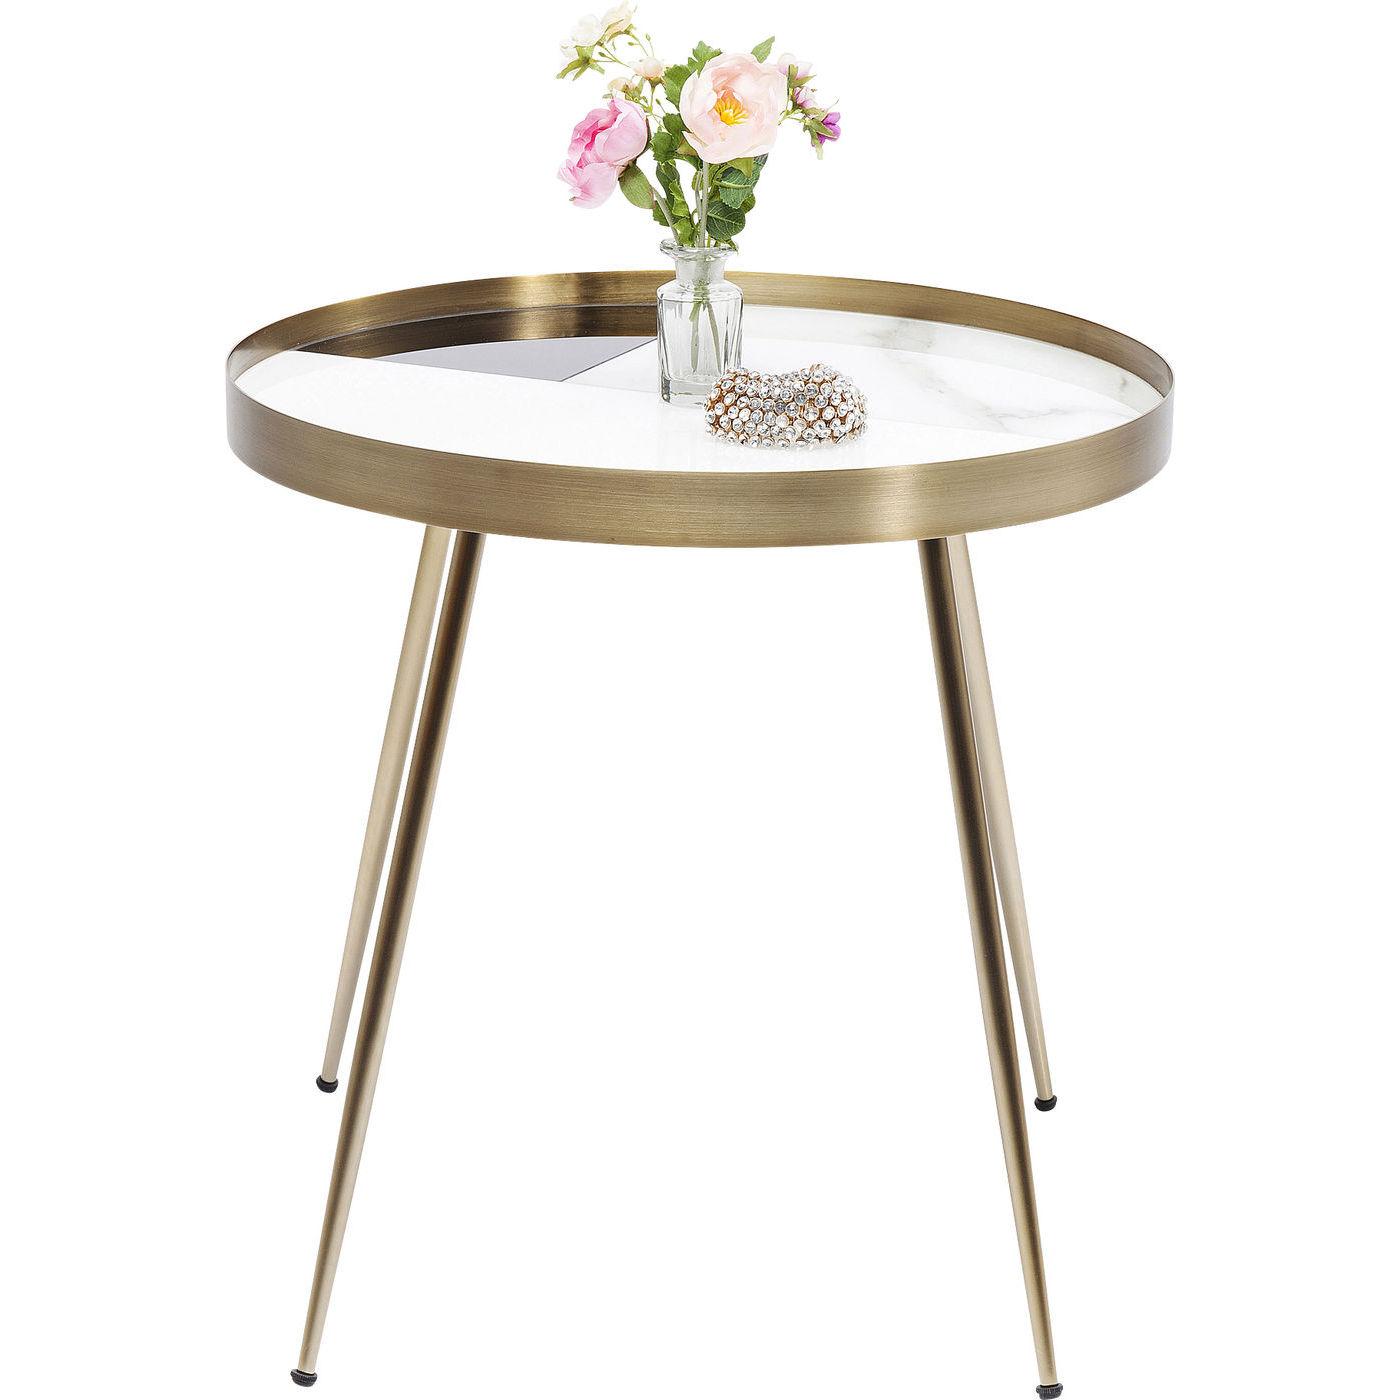 Kare design hipster sidebord - sort/hvidt glas/træ og messing stål, rundt (ø50) fra kare design på boboonline.dk